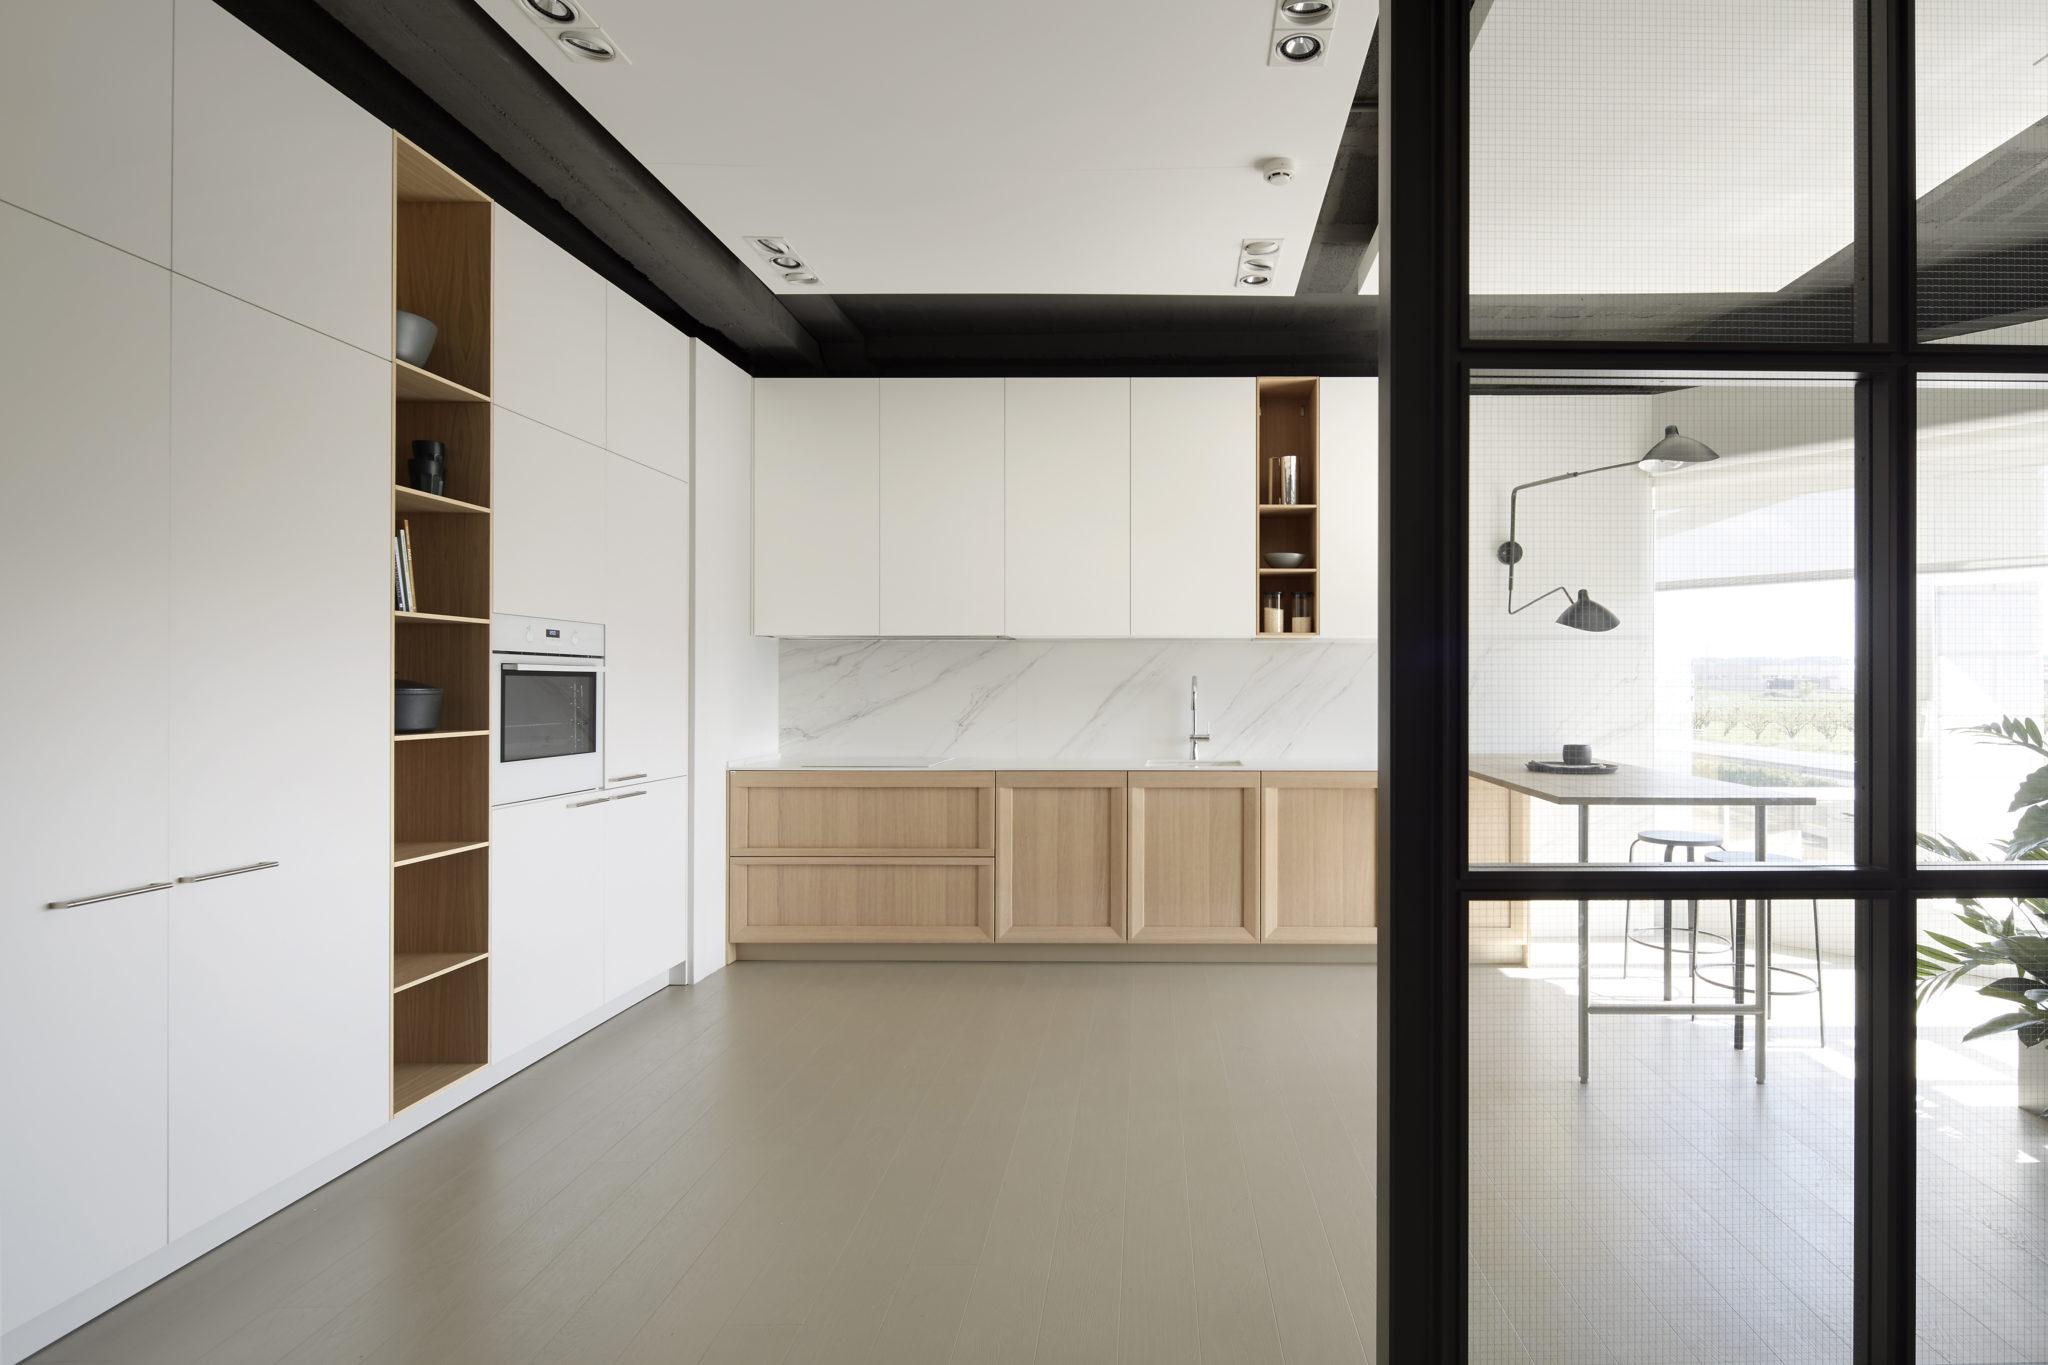 Jorge Fernández | Tienda de cerámica, cocina, baño y ...